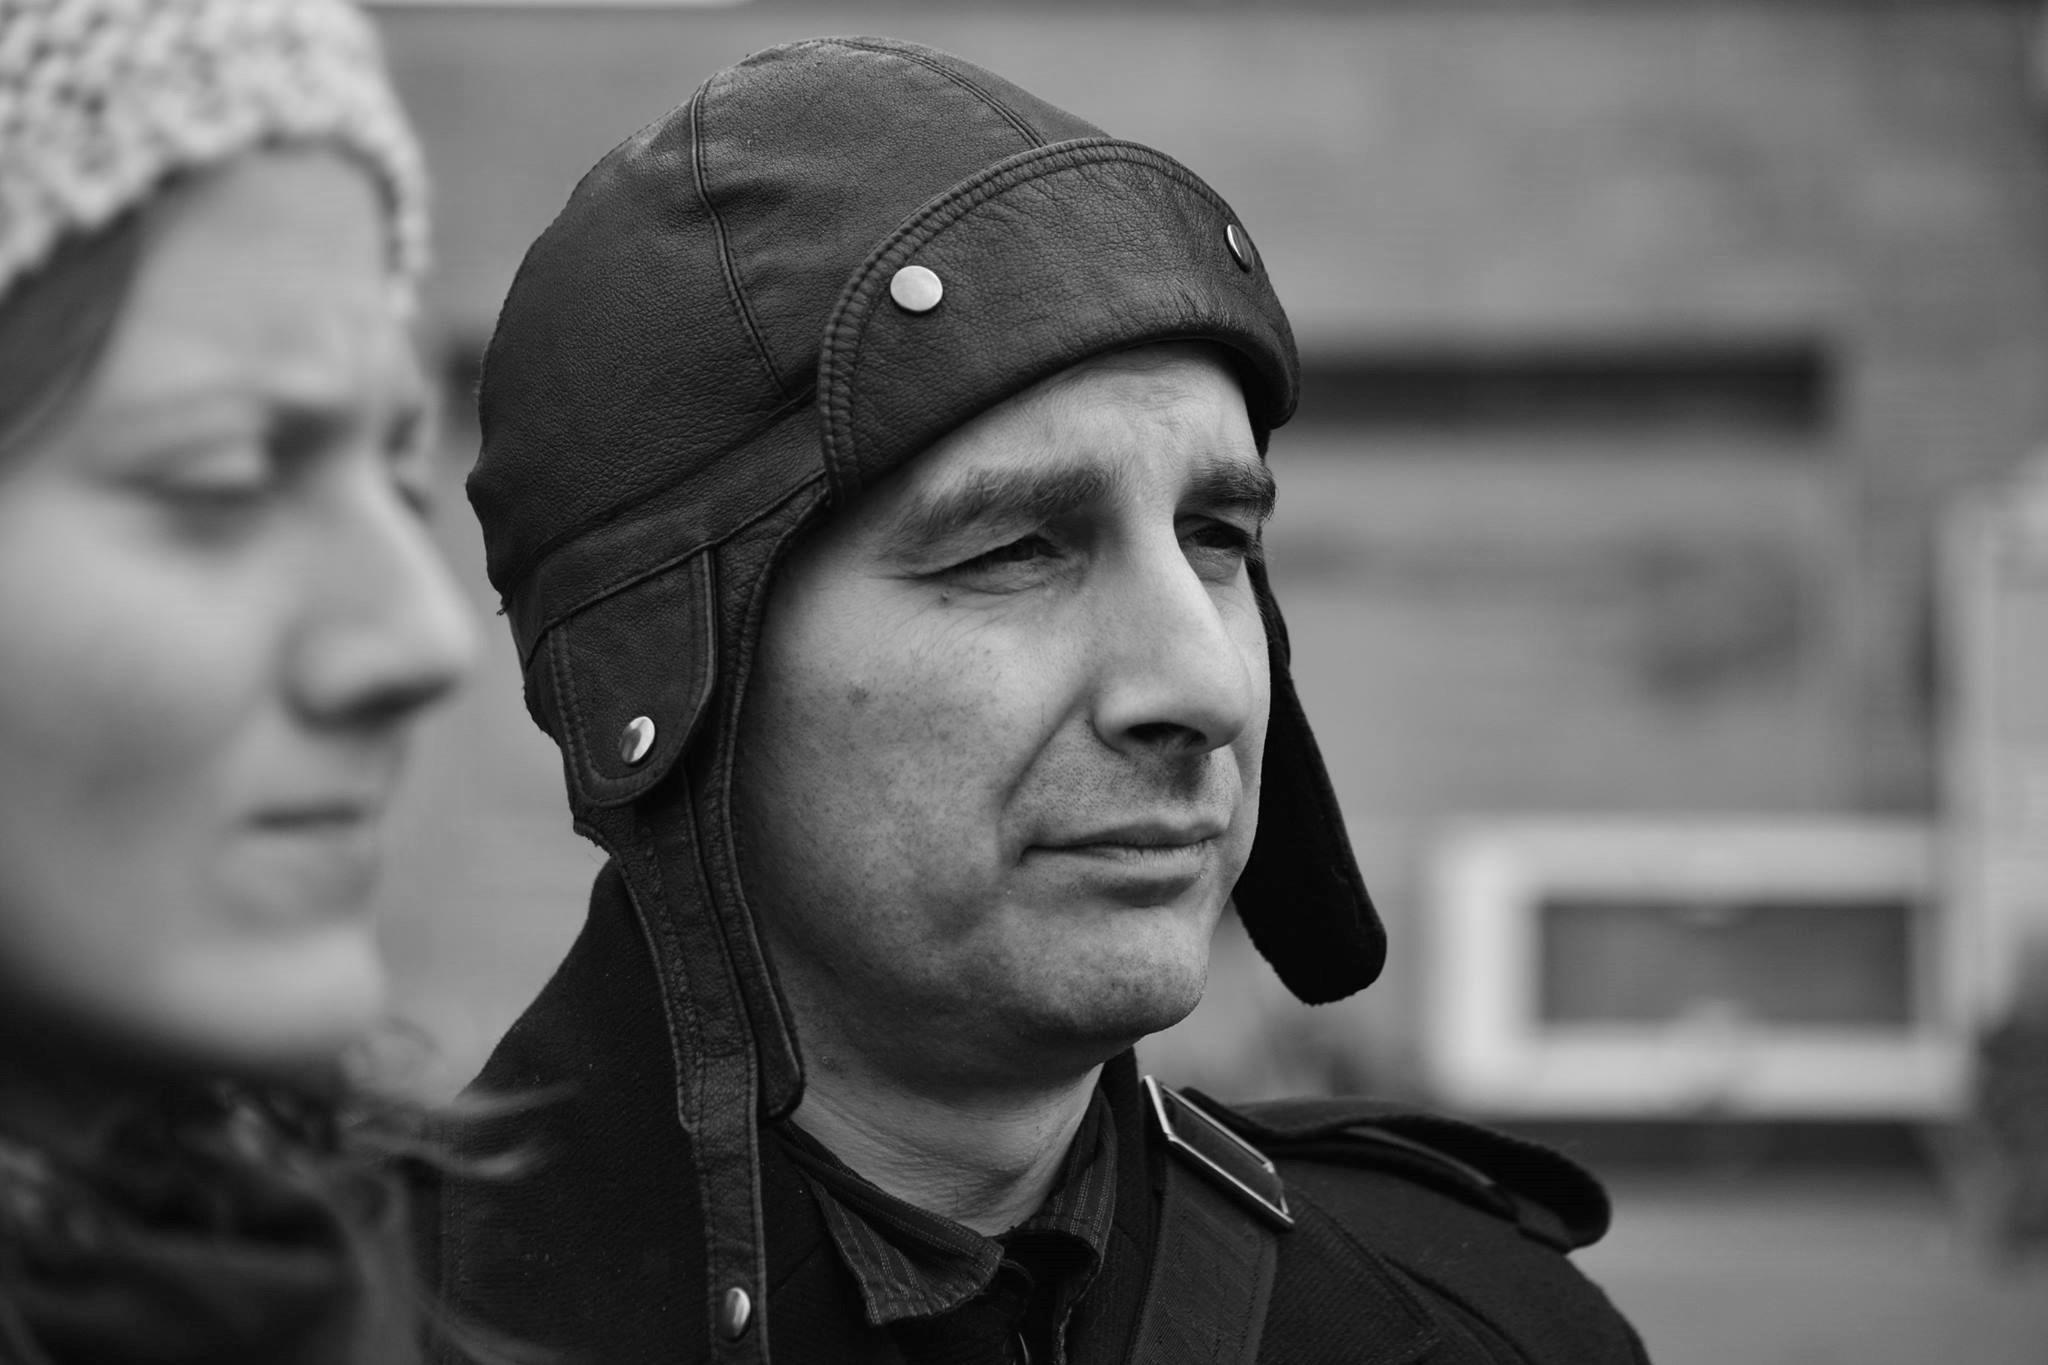 Петър Волгин, журналист: V.S. Какви са отличителните белези на добрия стил? П.В. Различността. Във всичко. Най-вече в мисленето.